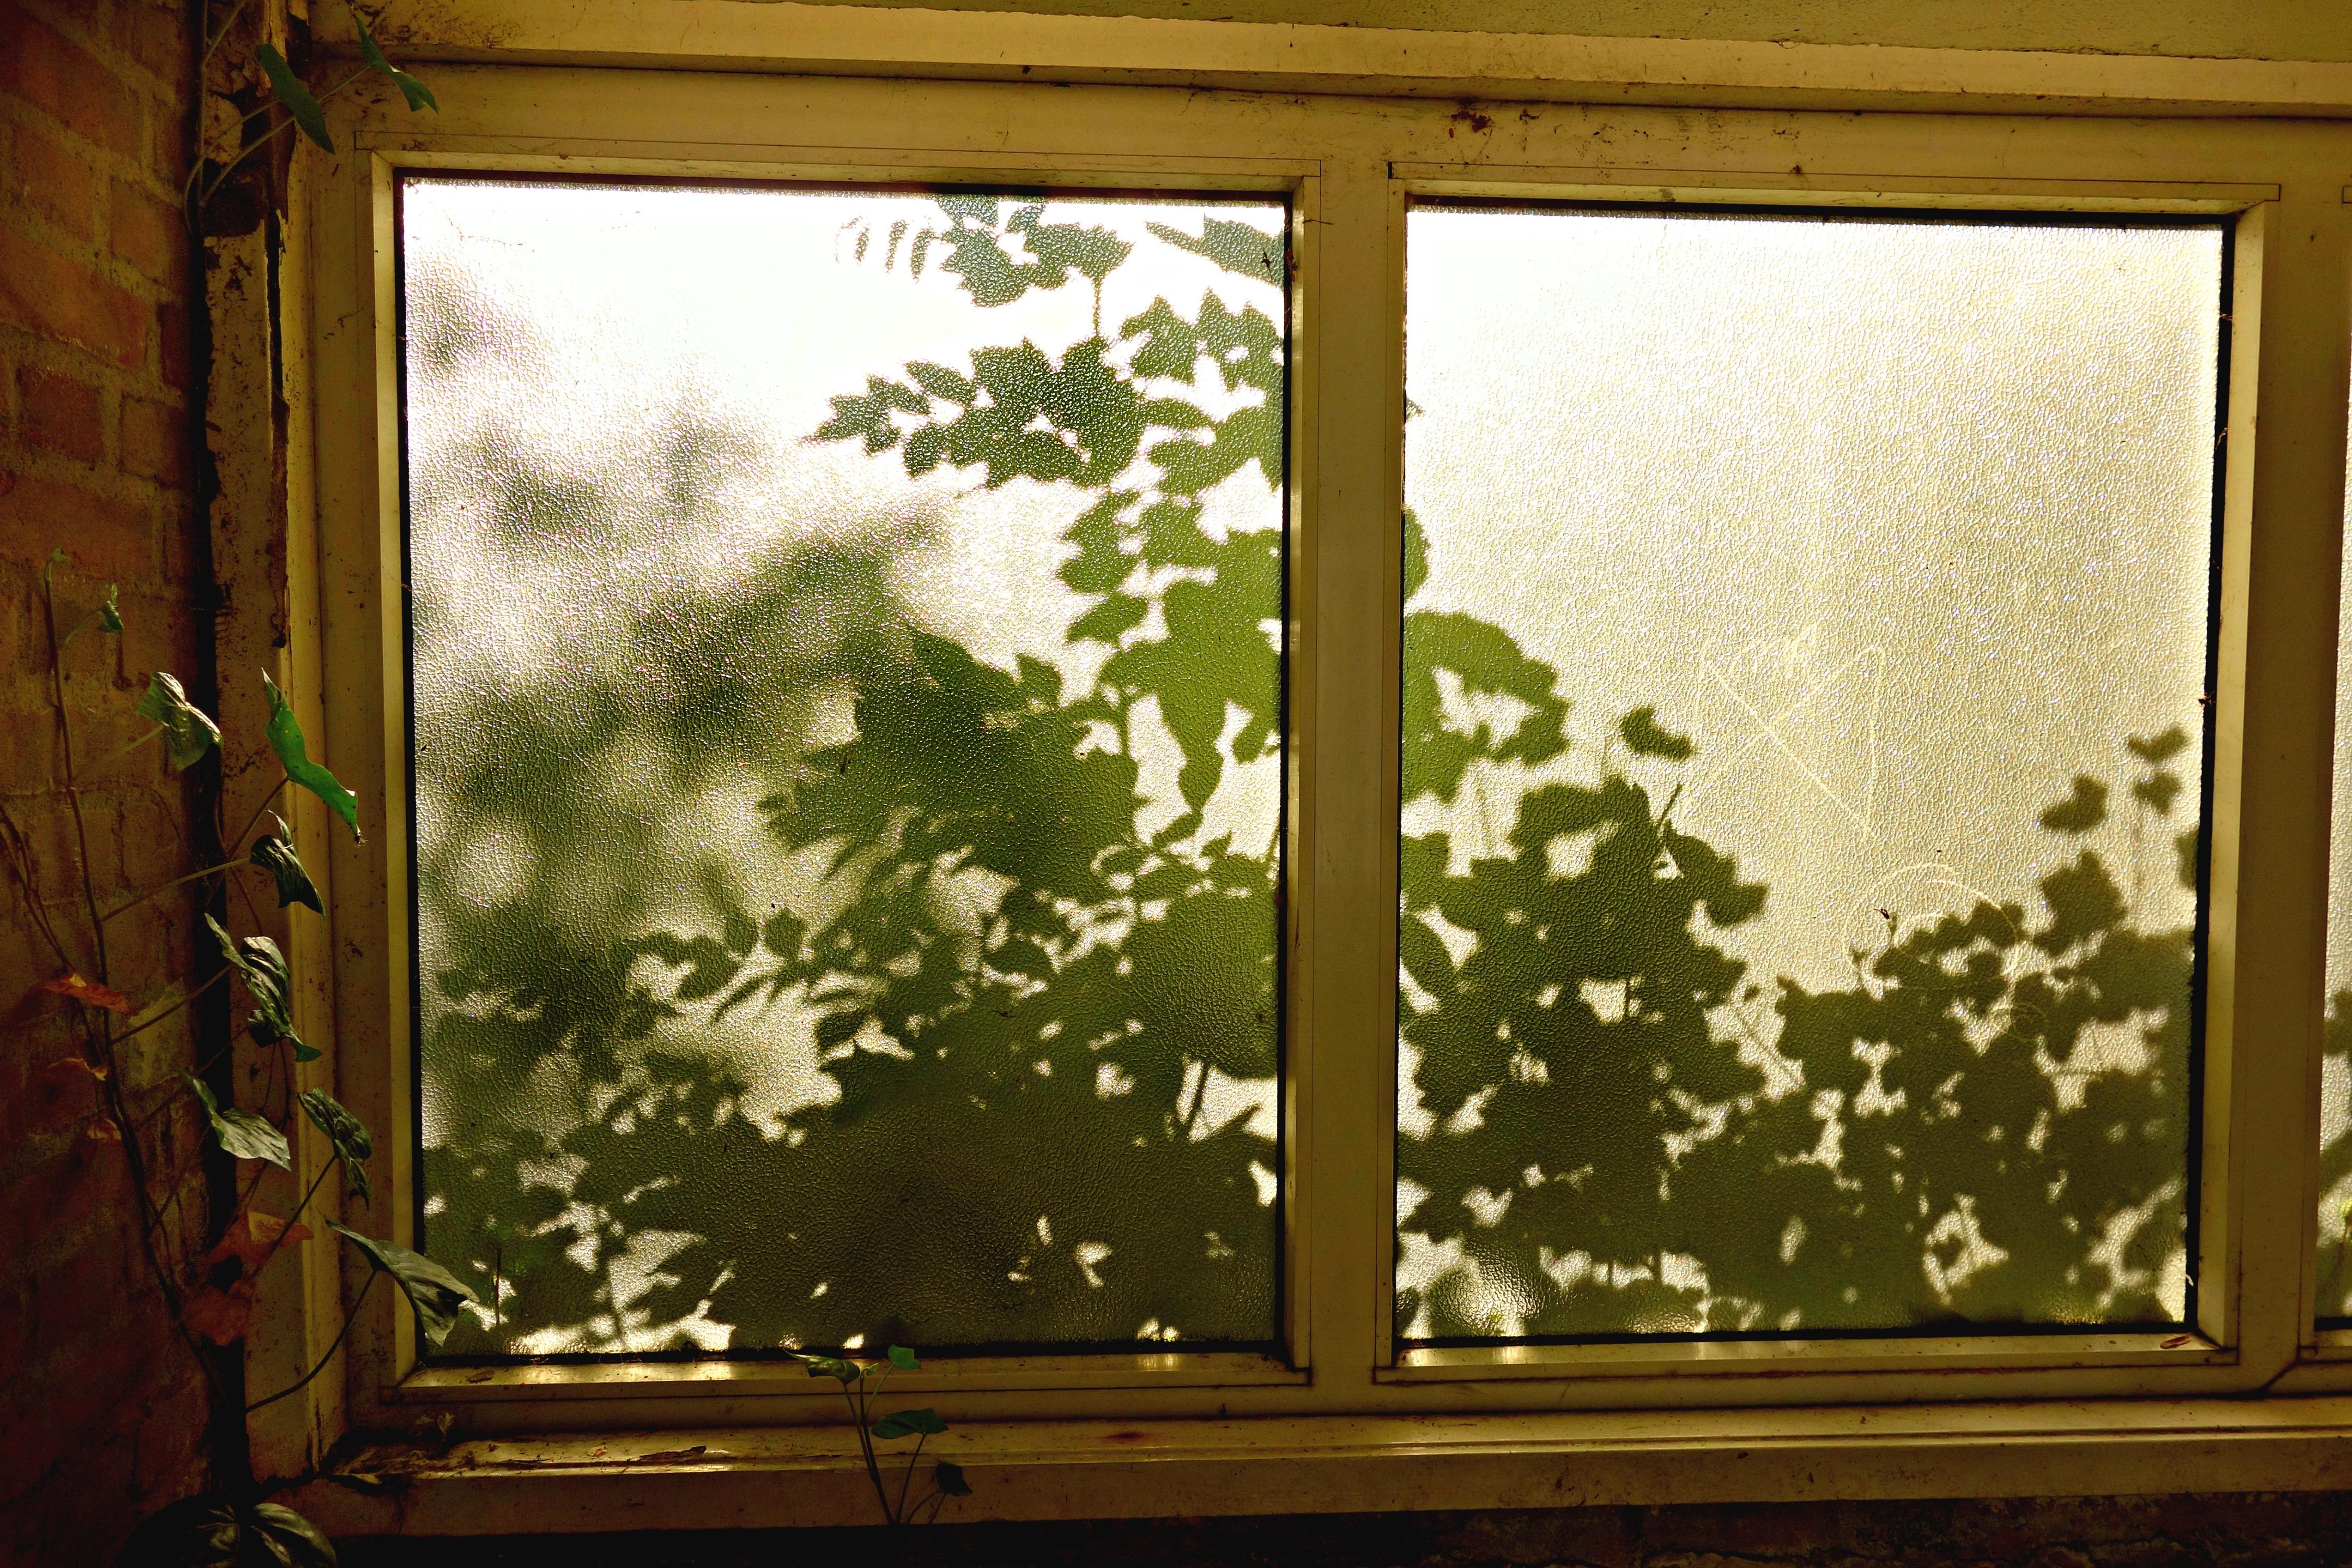 Maison lumière du soleil texture feuille mur modèle vert ombre chambre porte la peinture design dintérieur feuilles brillant cadre vitre